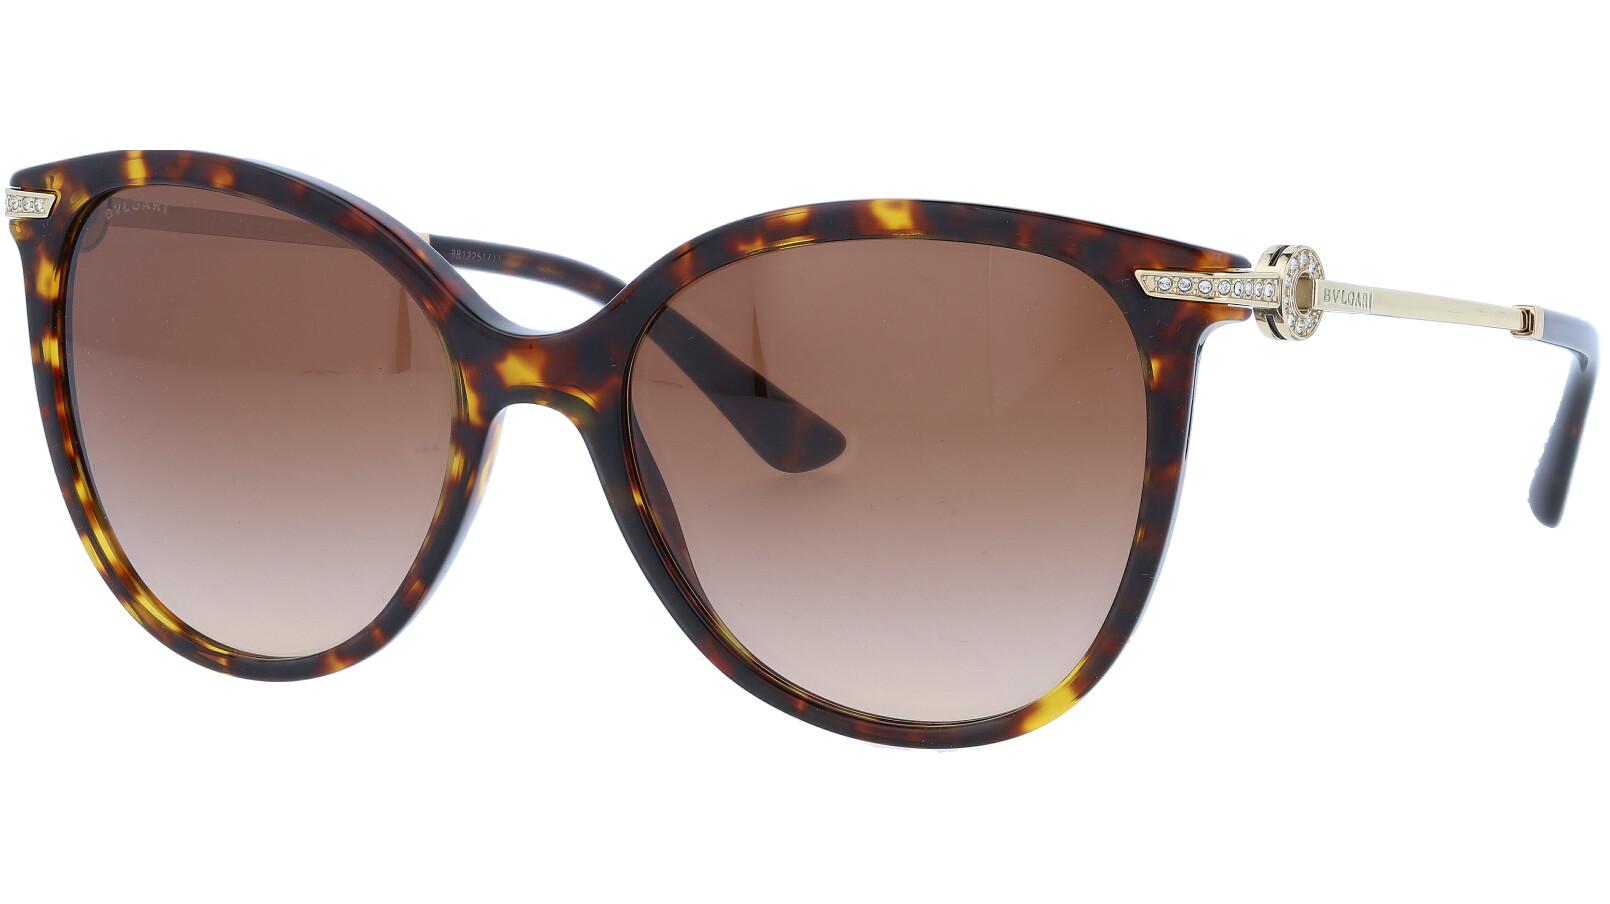 Bvlgari BV8201B 50413 55 Havana Sunglasses